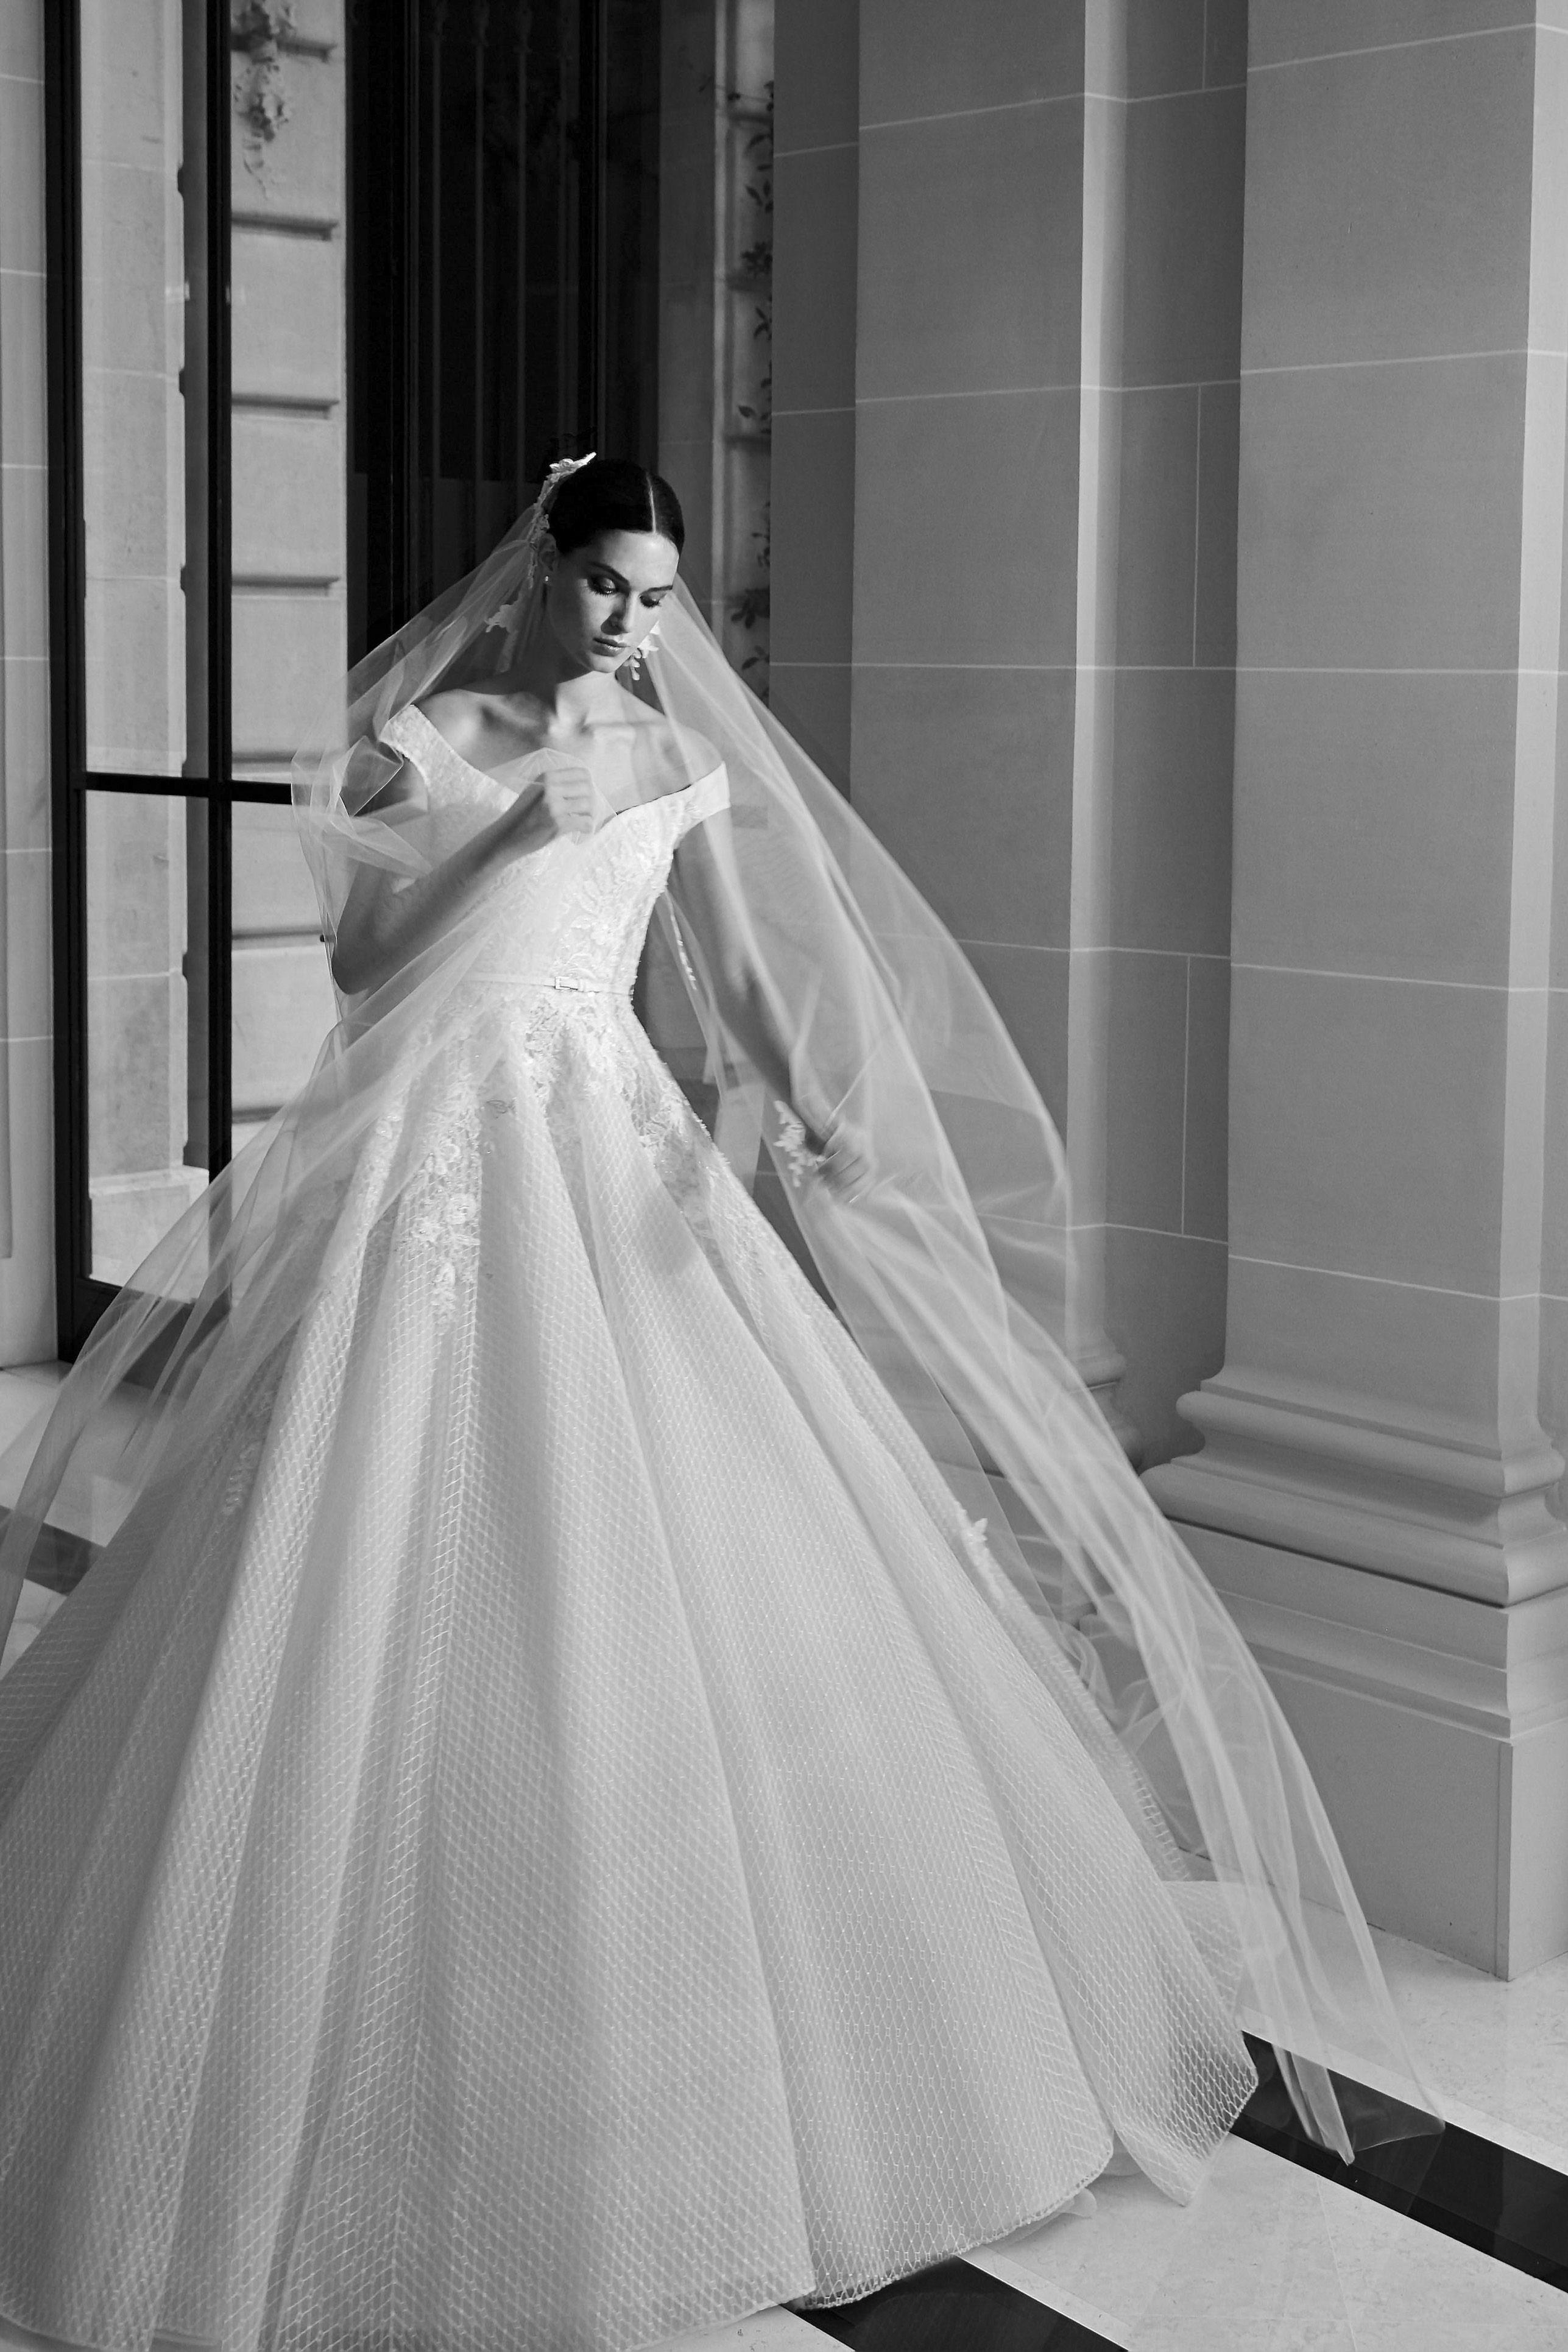 De Mooiste Bruidsjurken.De Mooiste Bruidsjurken Van Bridal Week Herfst Winter 2019